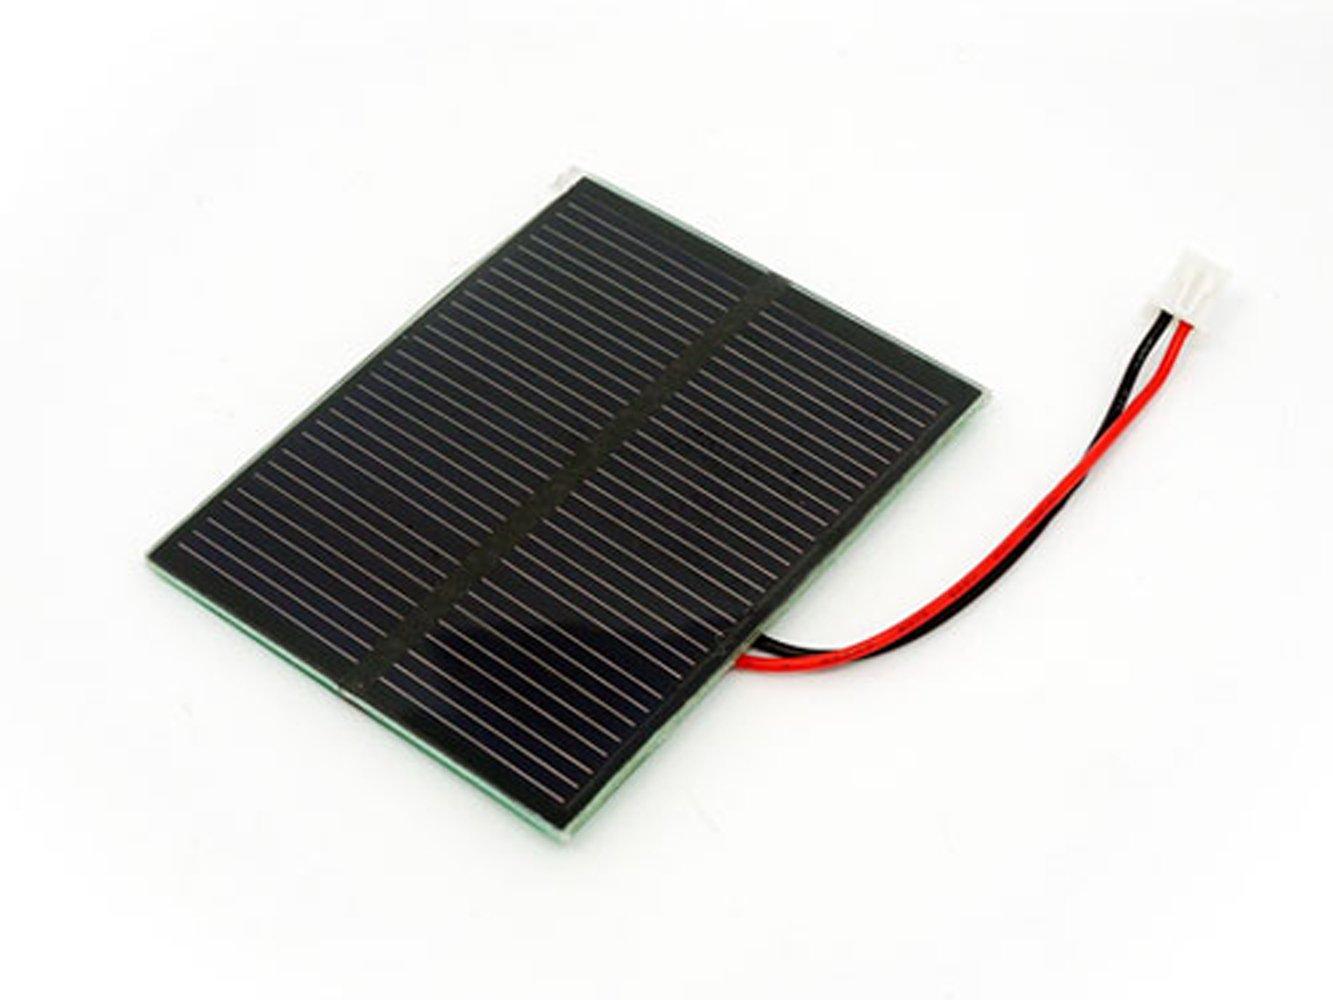 Pannelli Solari Nube 0.5W Pannello Solare 55 * 70 Cloud Solar Panels